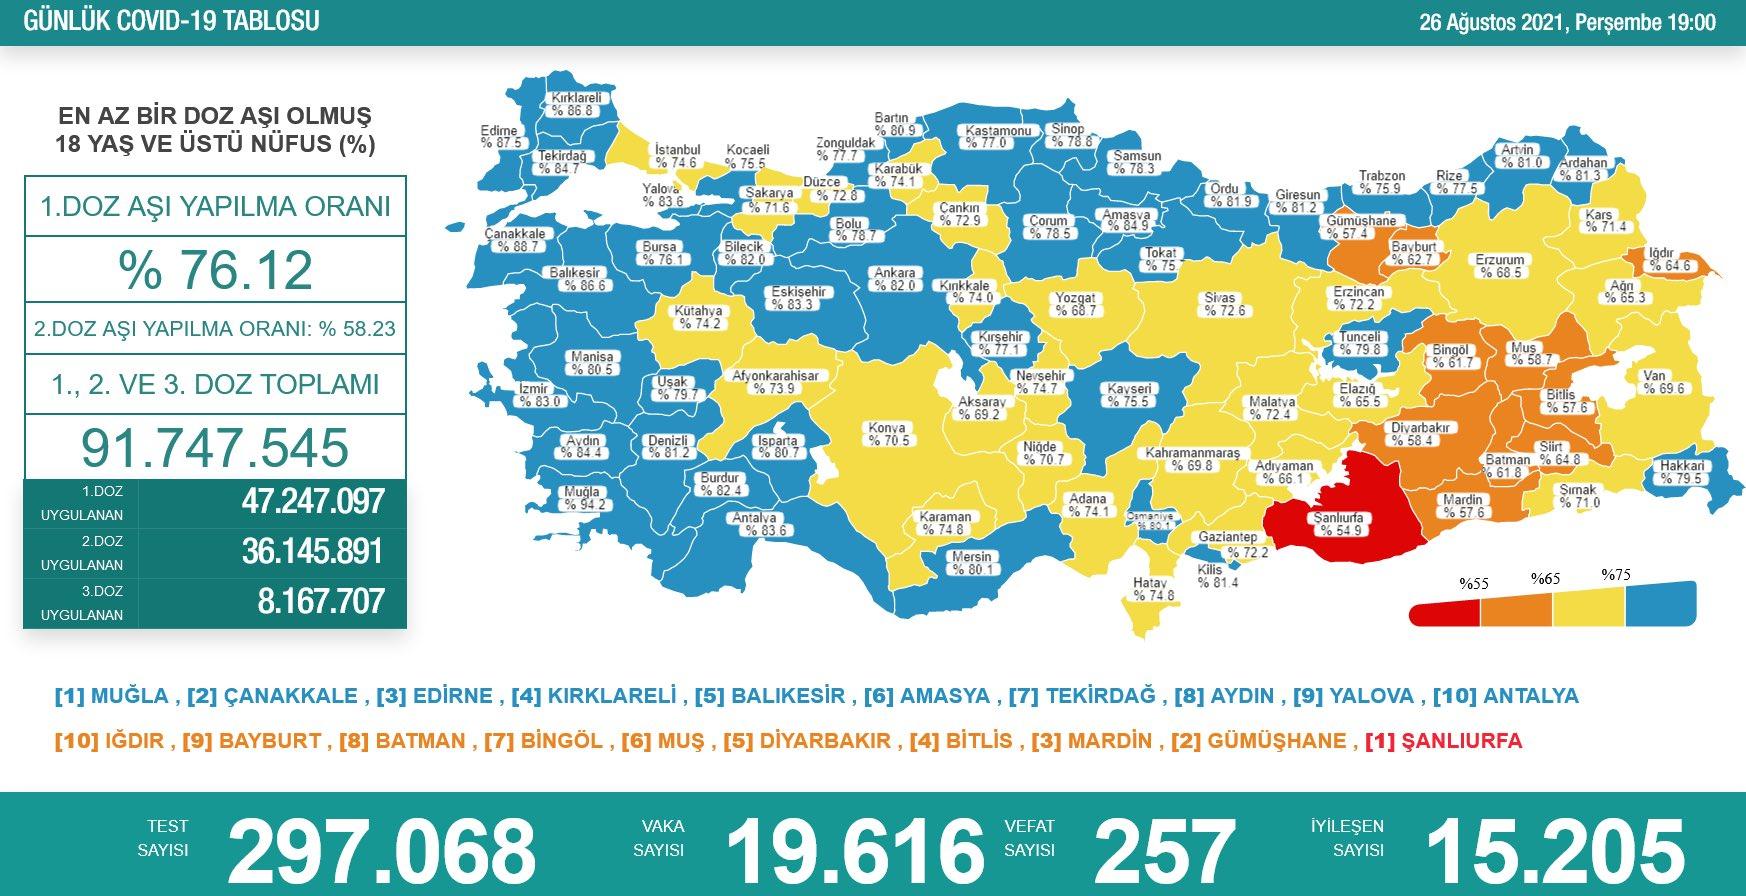 26 Ağustos 2021 Türkiye Koronavirüs Tablosu Açıkladı